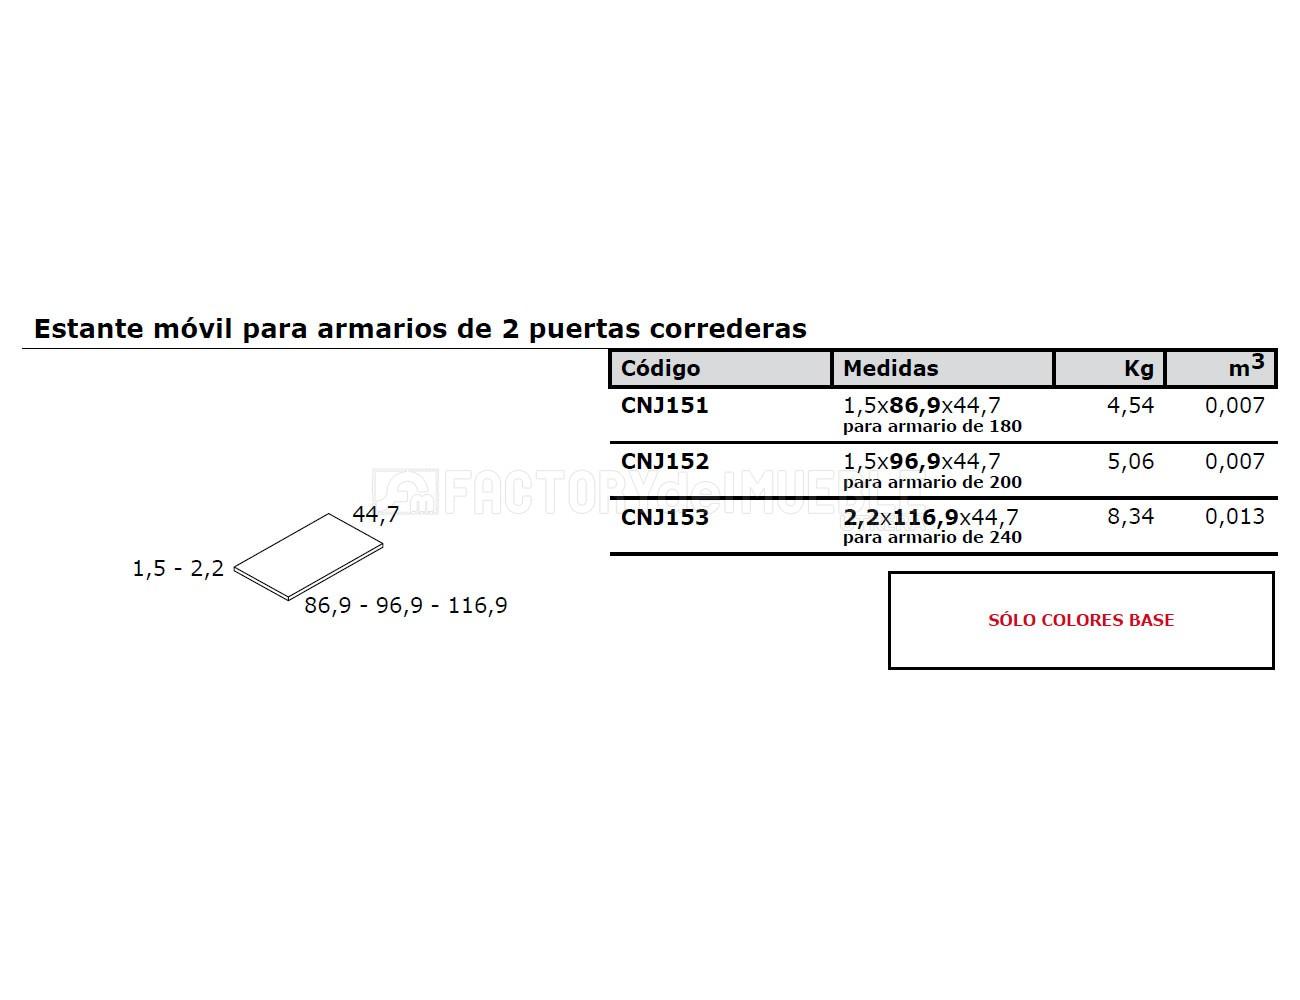 Estante cnj151 152 153